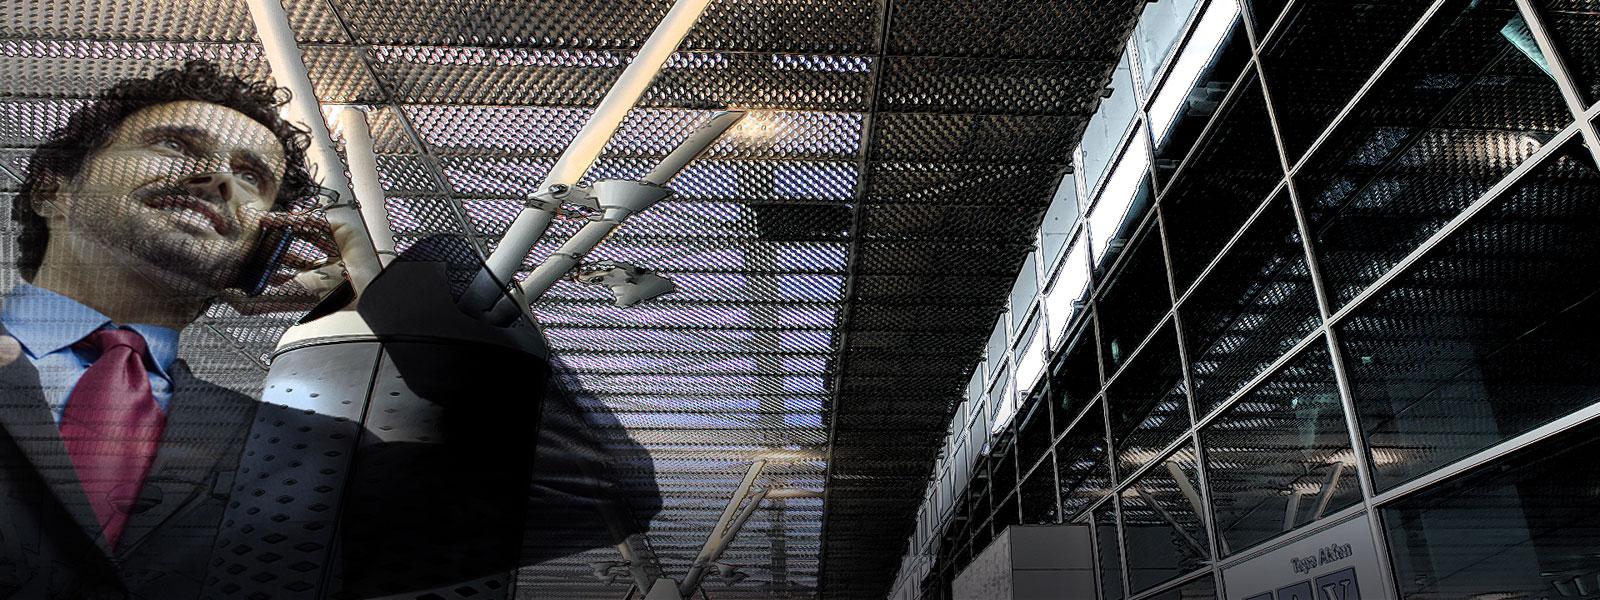 Herstellung von Streckgitter und Gitterrosten